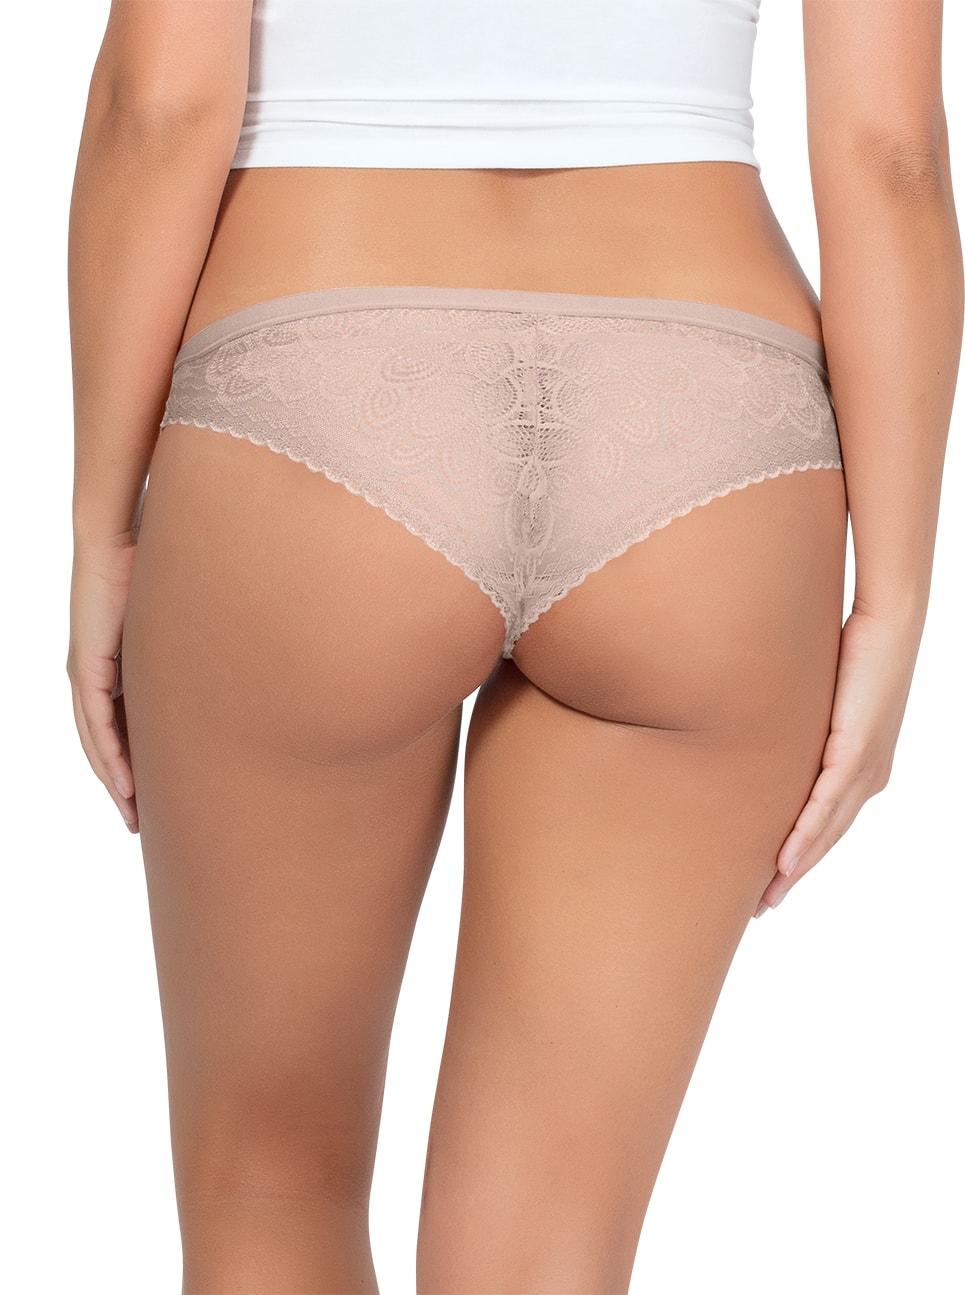 PARFAIT ParfaitPanty SoGlam BikiniPP302 Bare Back2 - Parfait Panty So Glam Bikini - Bare - PP302